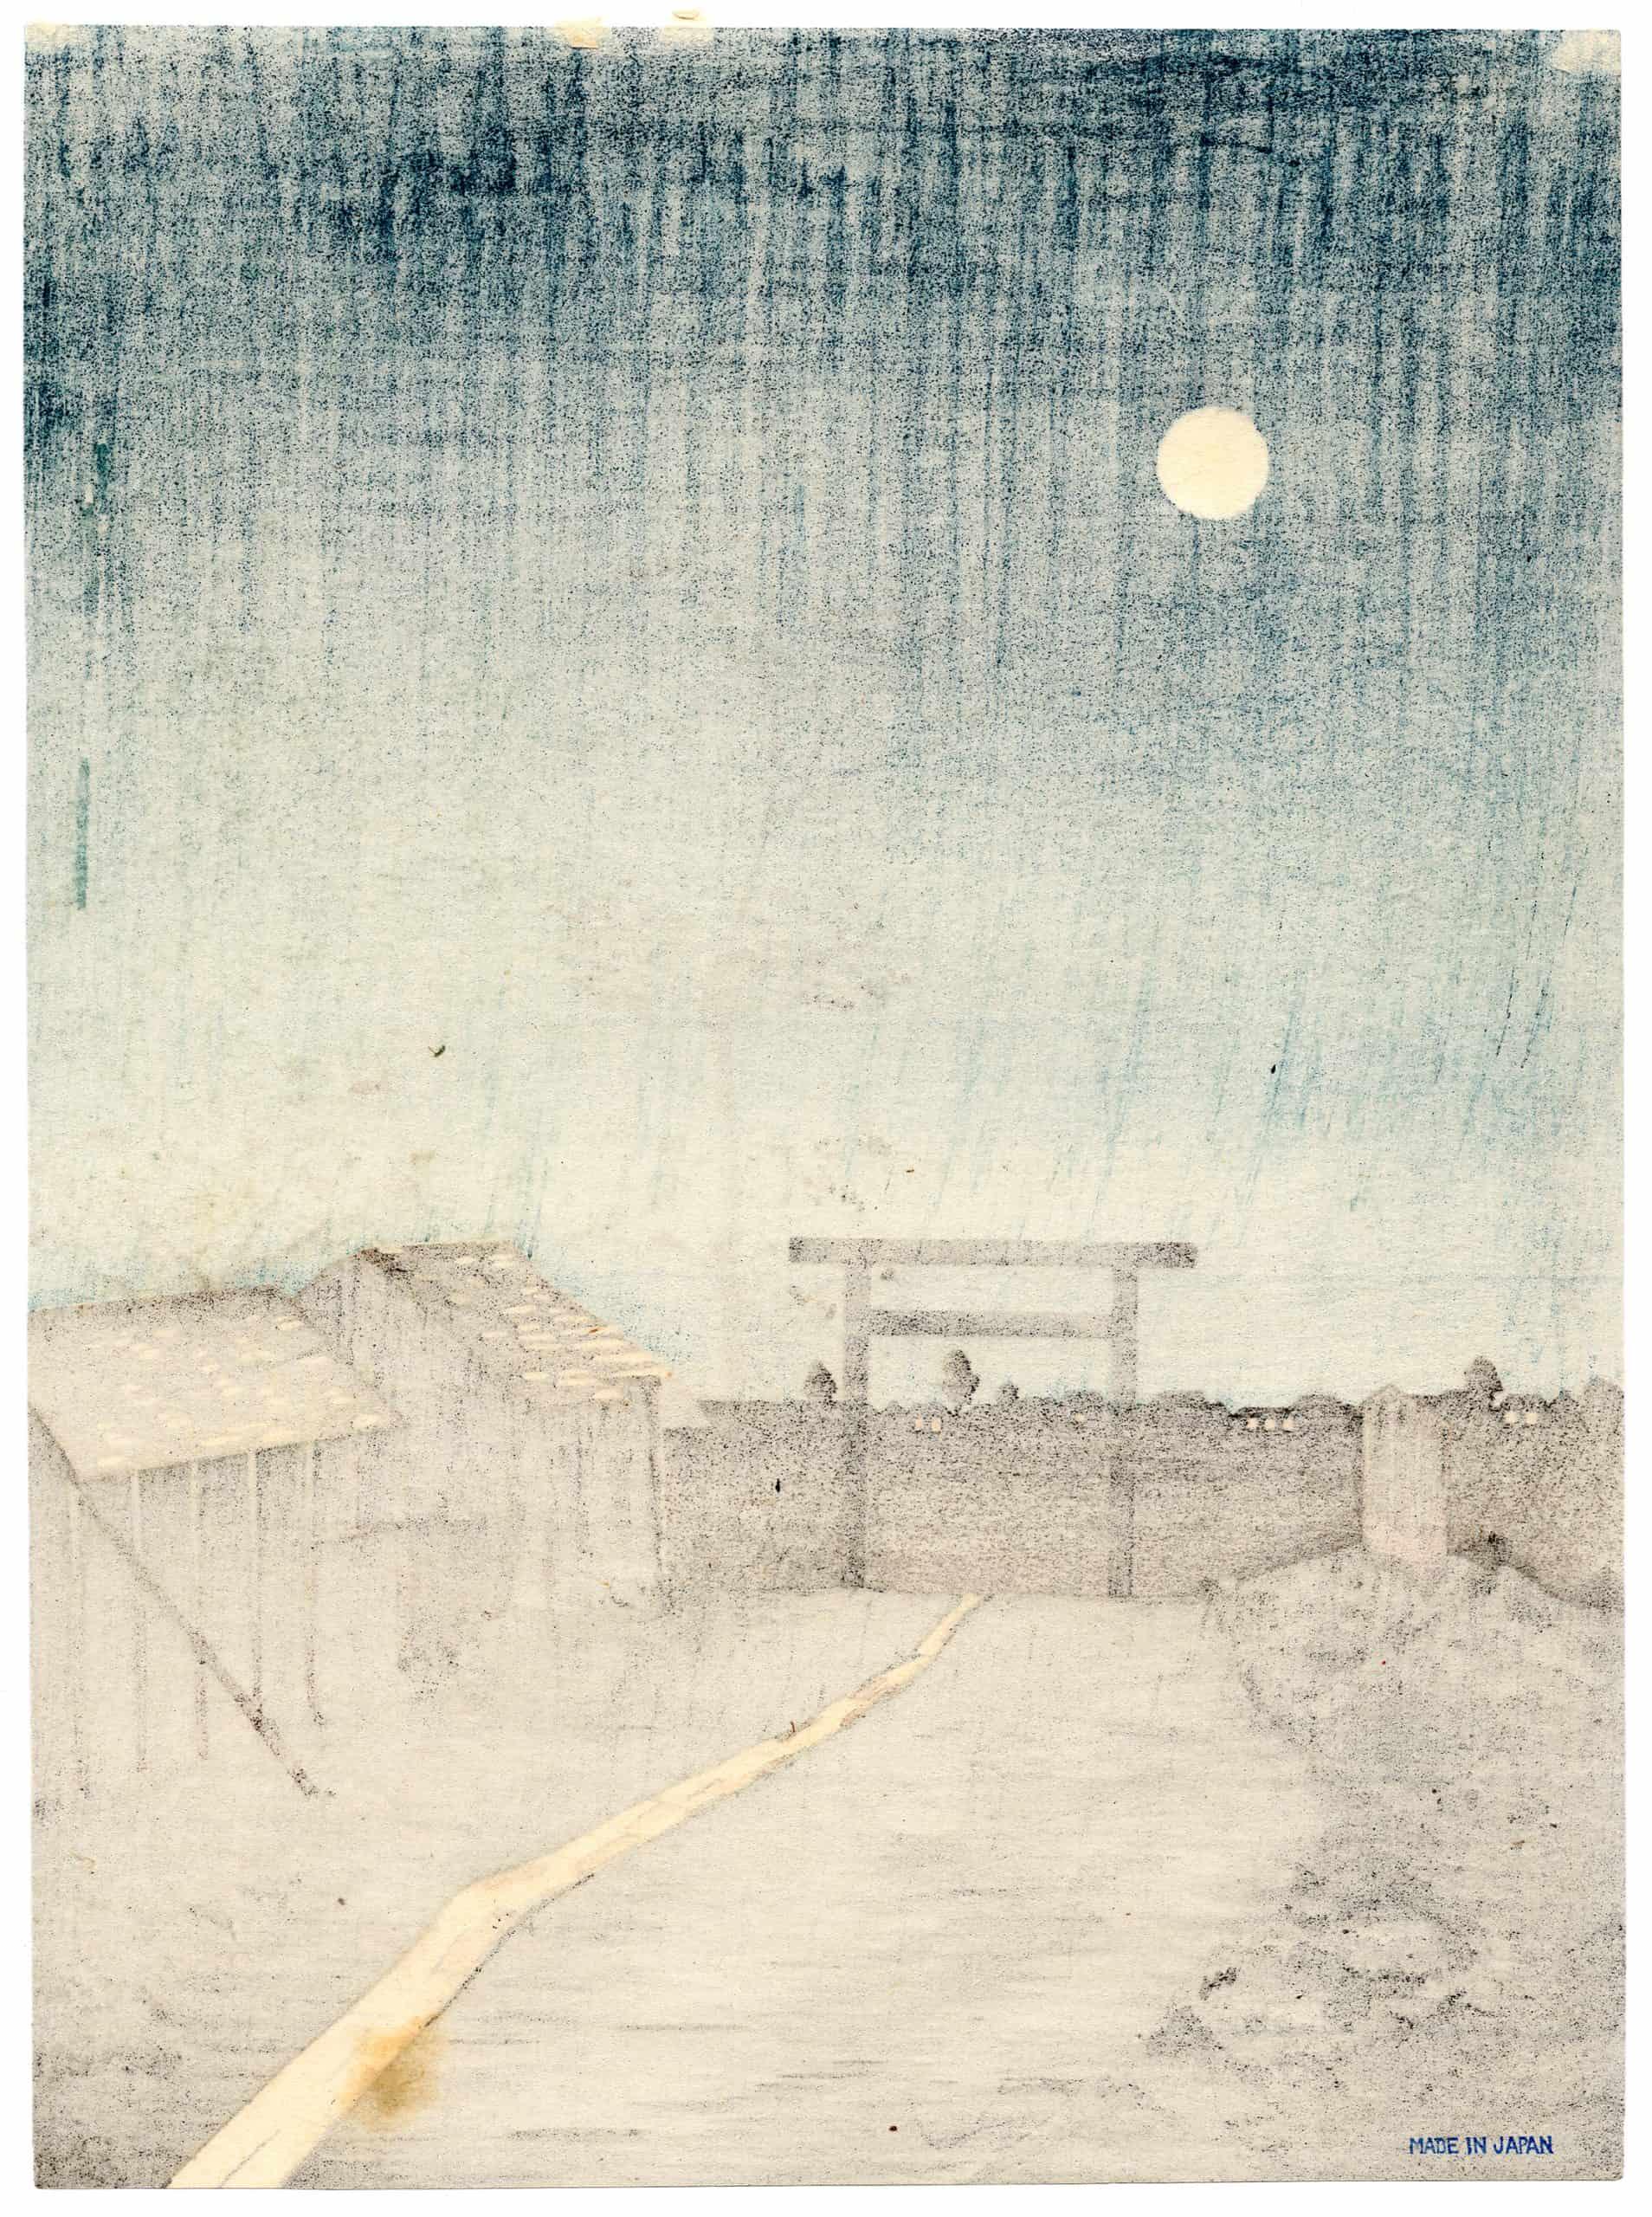 Kobayashi Kiyochika - Taro-inari Shrine at Asakusa (verso)